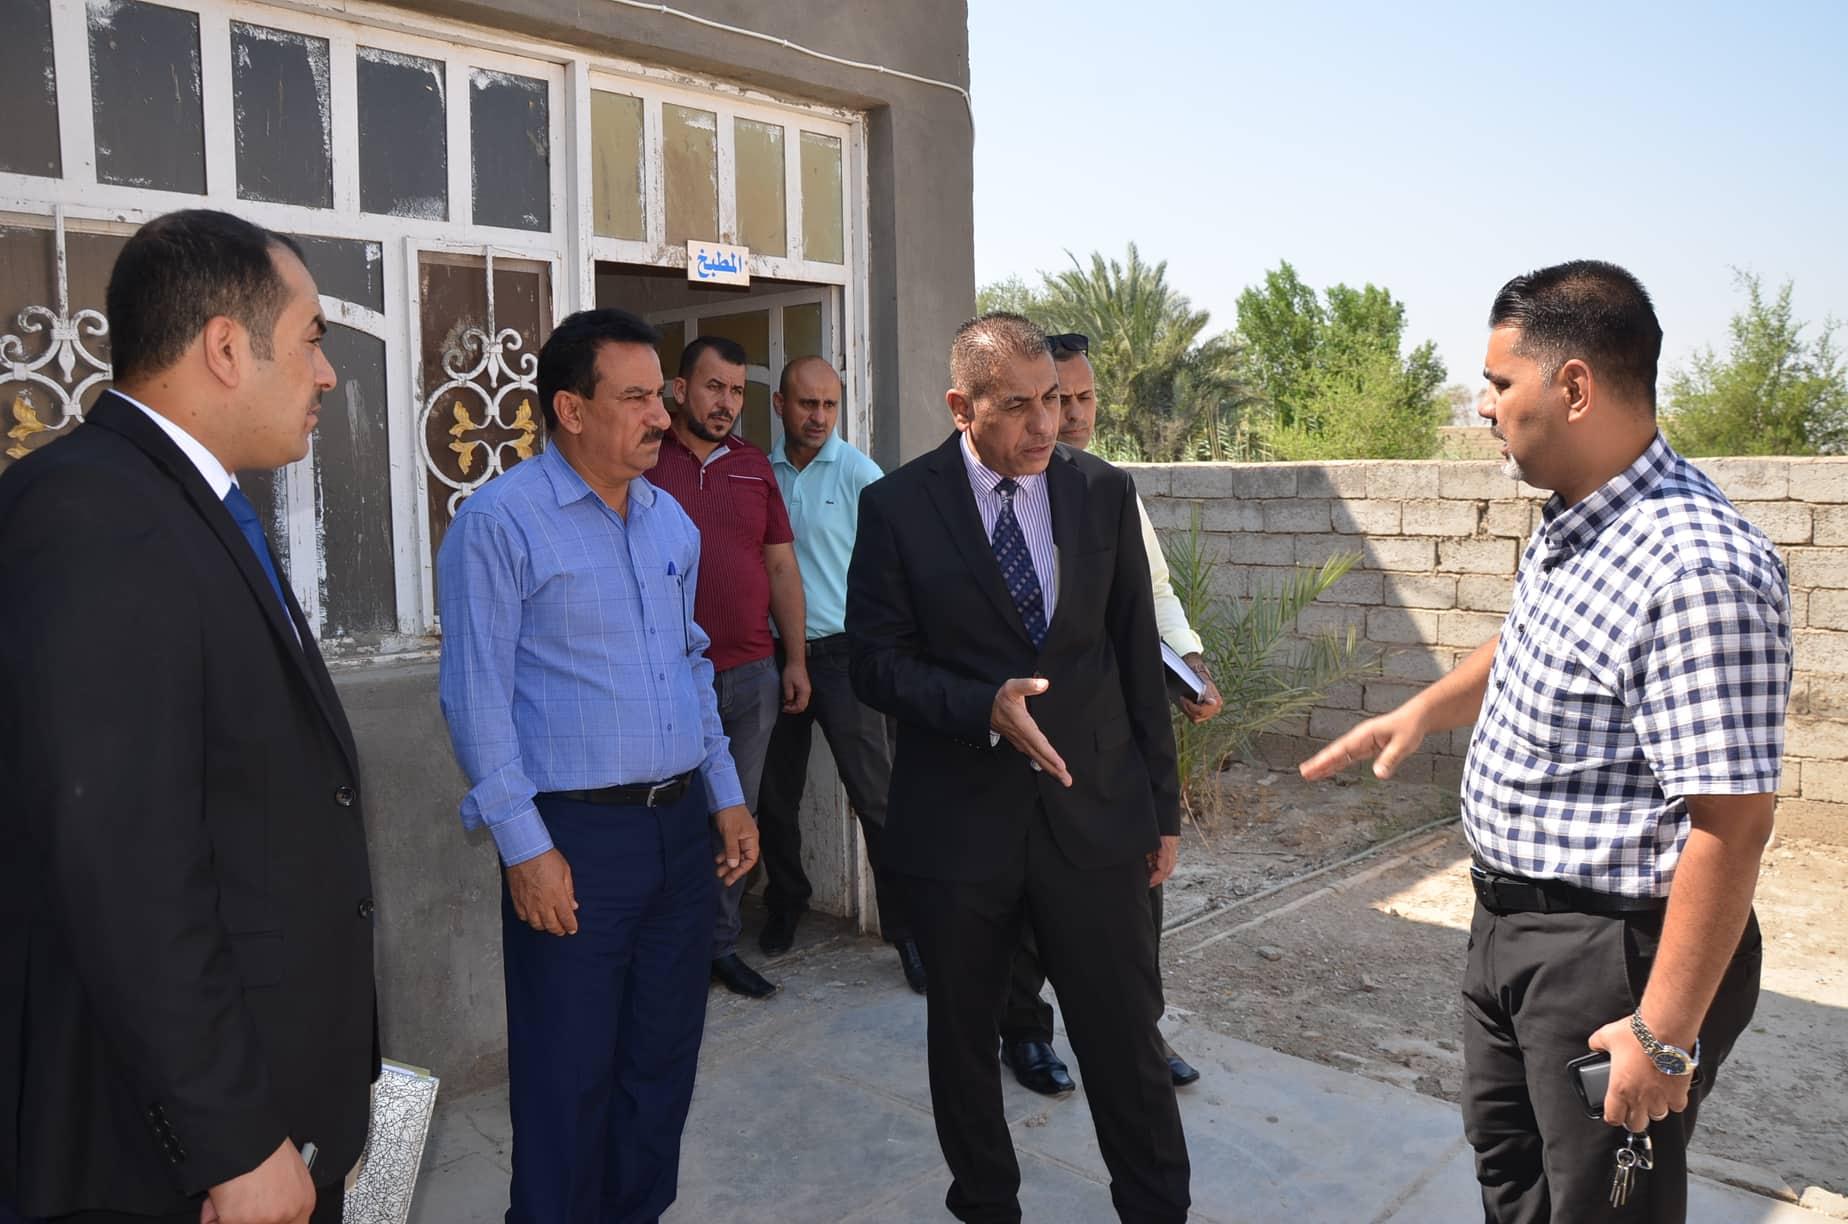 رئيس جامعة القادسية يتفقد دور  اسكان الطلبة والقسم الداخلي  ويشدد على ضرورة اعادة تاهيله